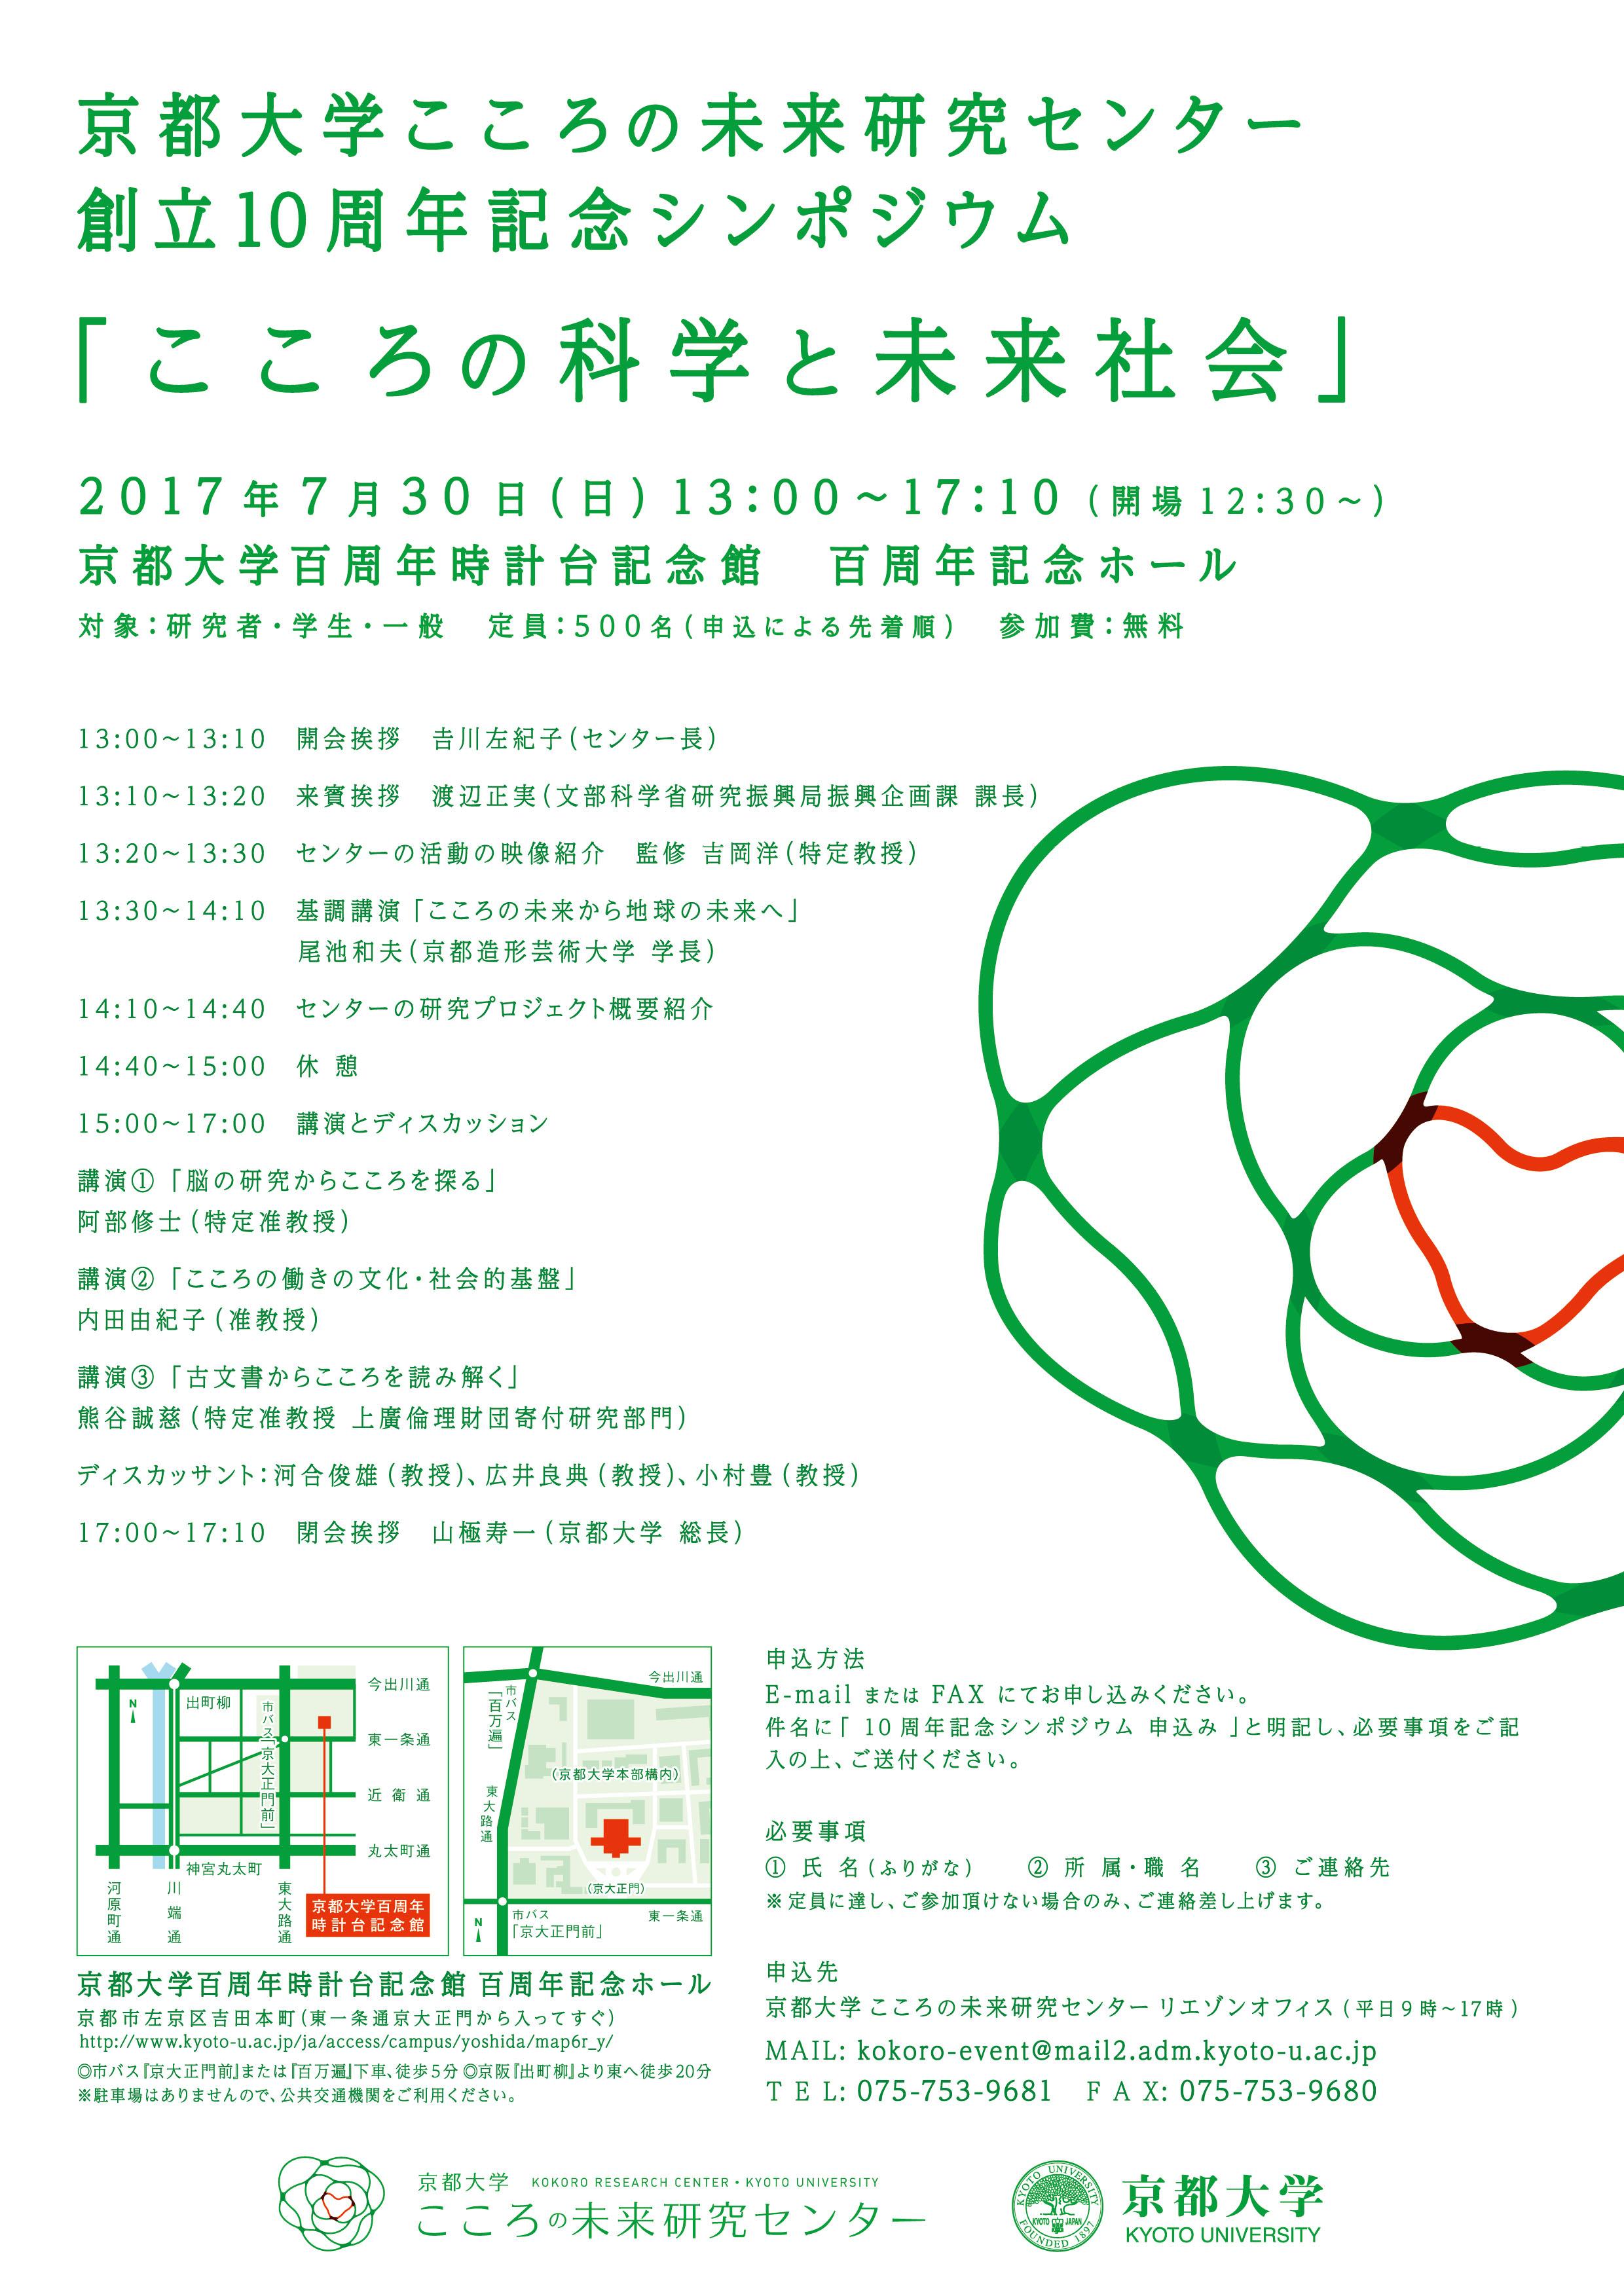 京都大学こころの未来研究センター創立10周年記念シンポジウム